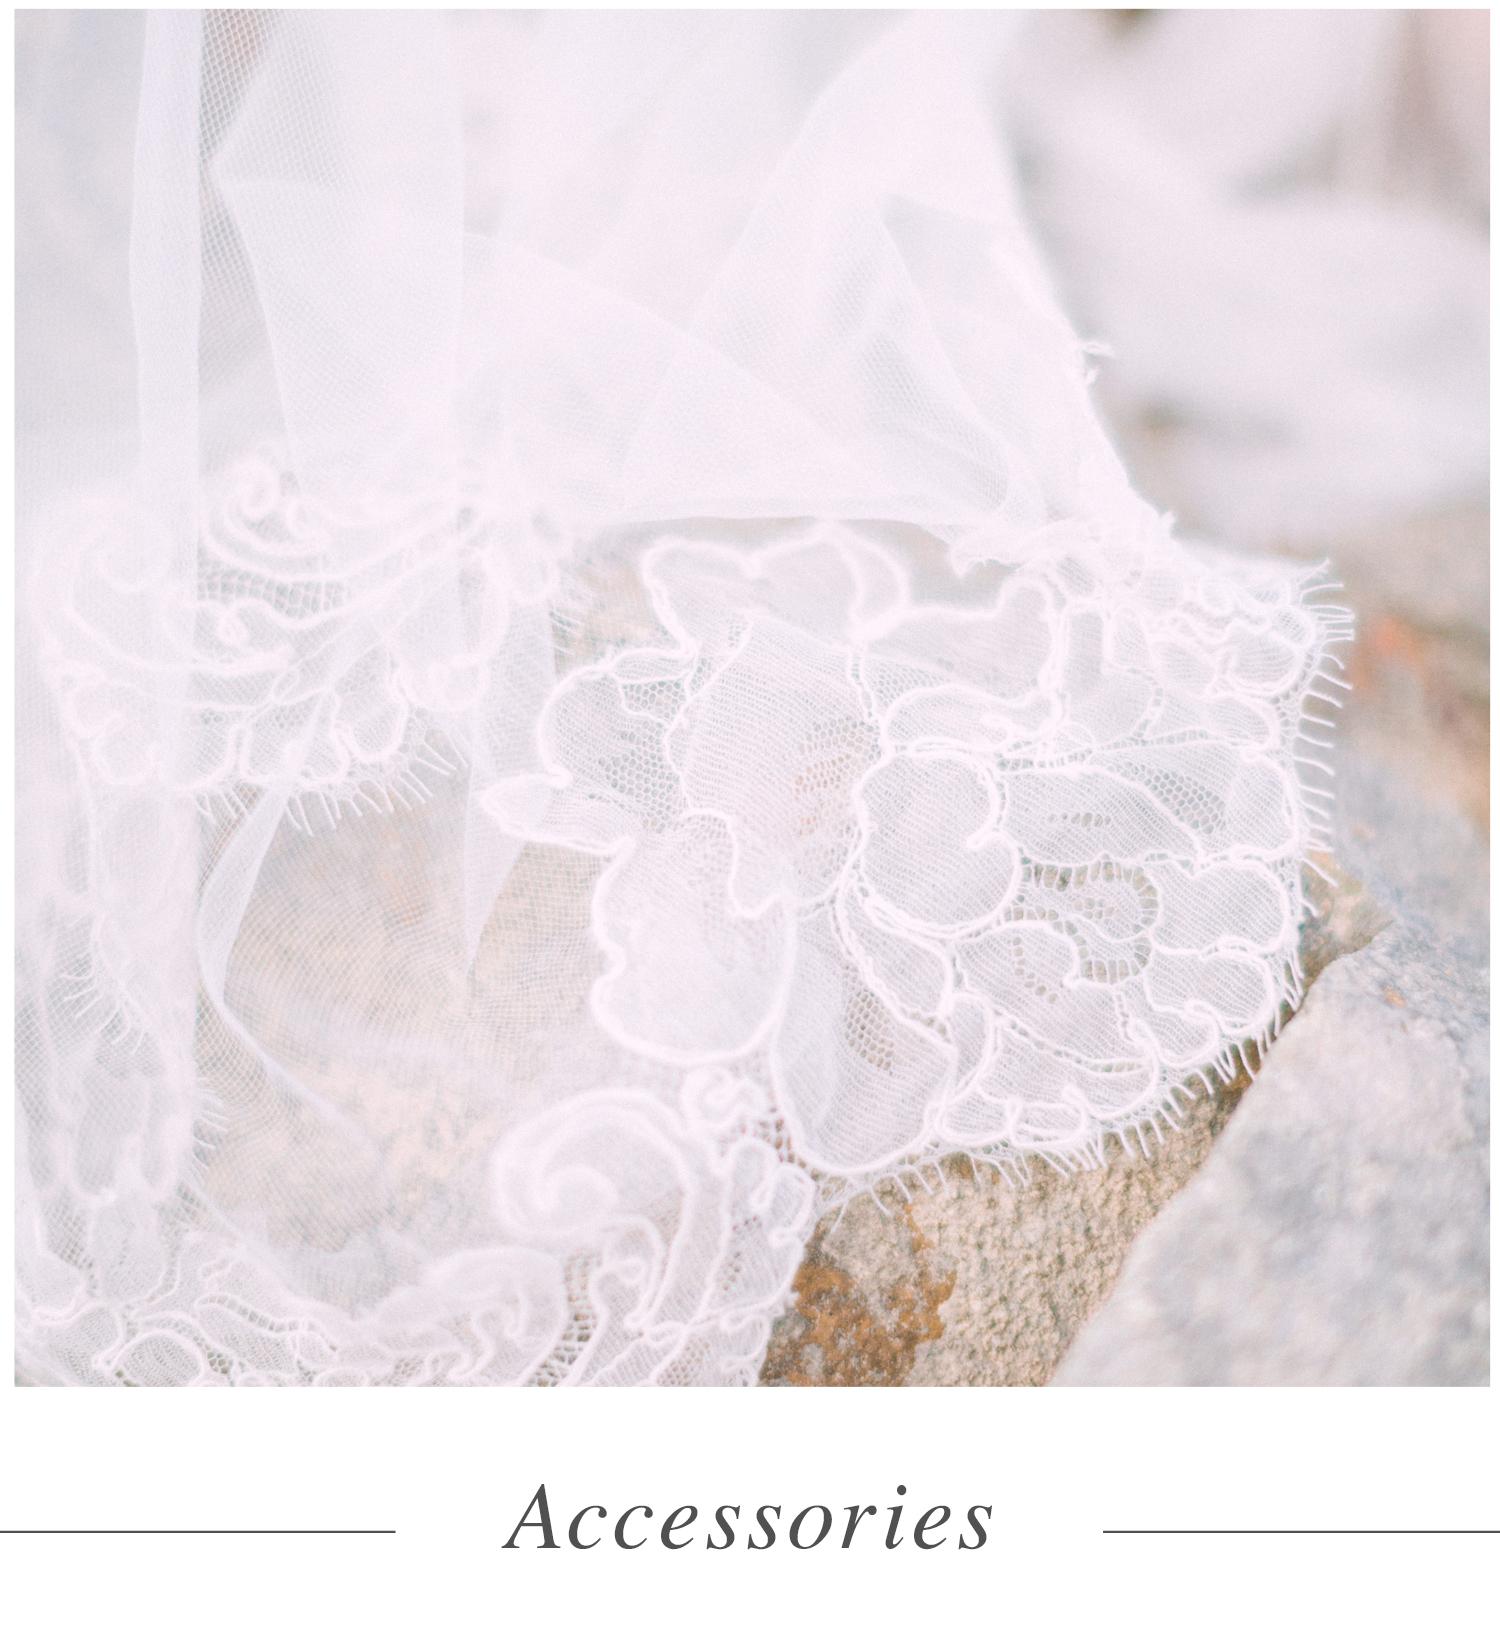 ____ACCESSORIES_joy_wed_vendor_guide.jpg